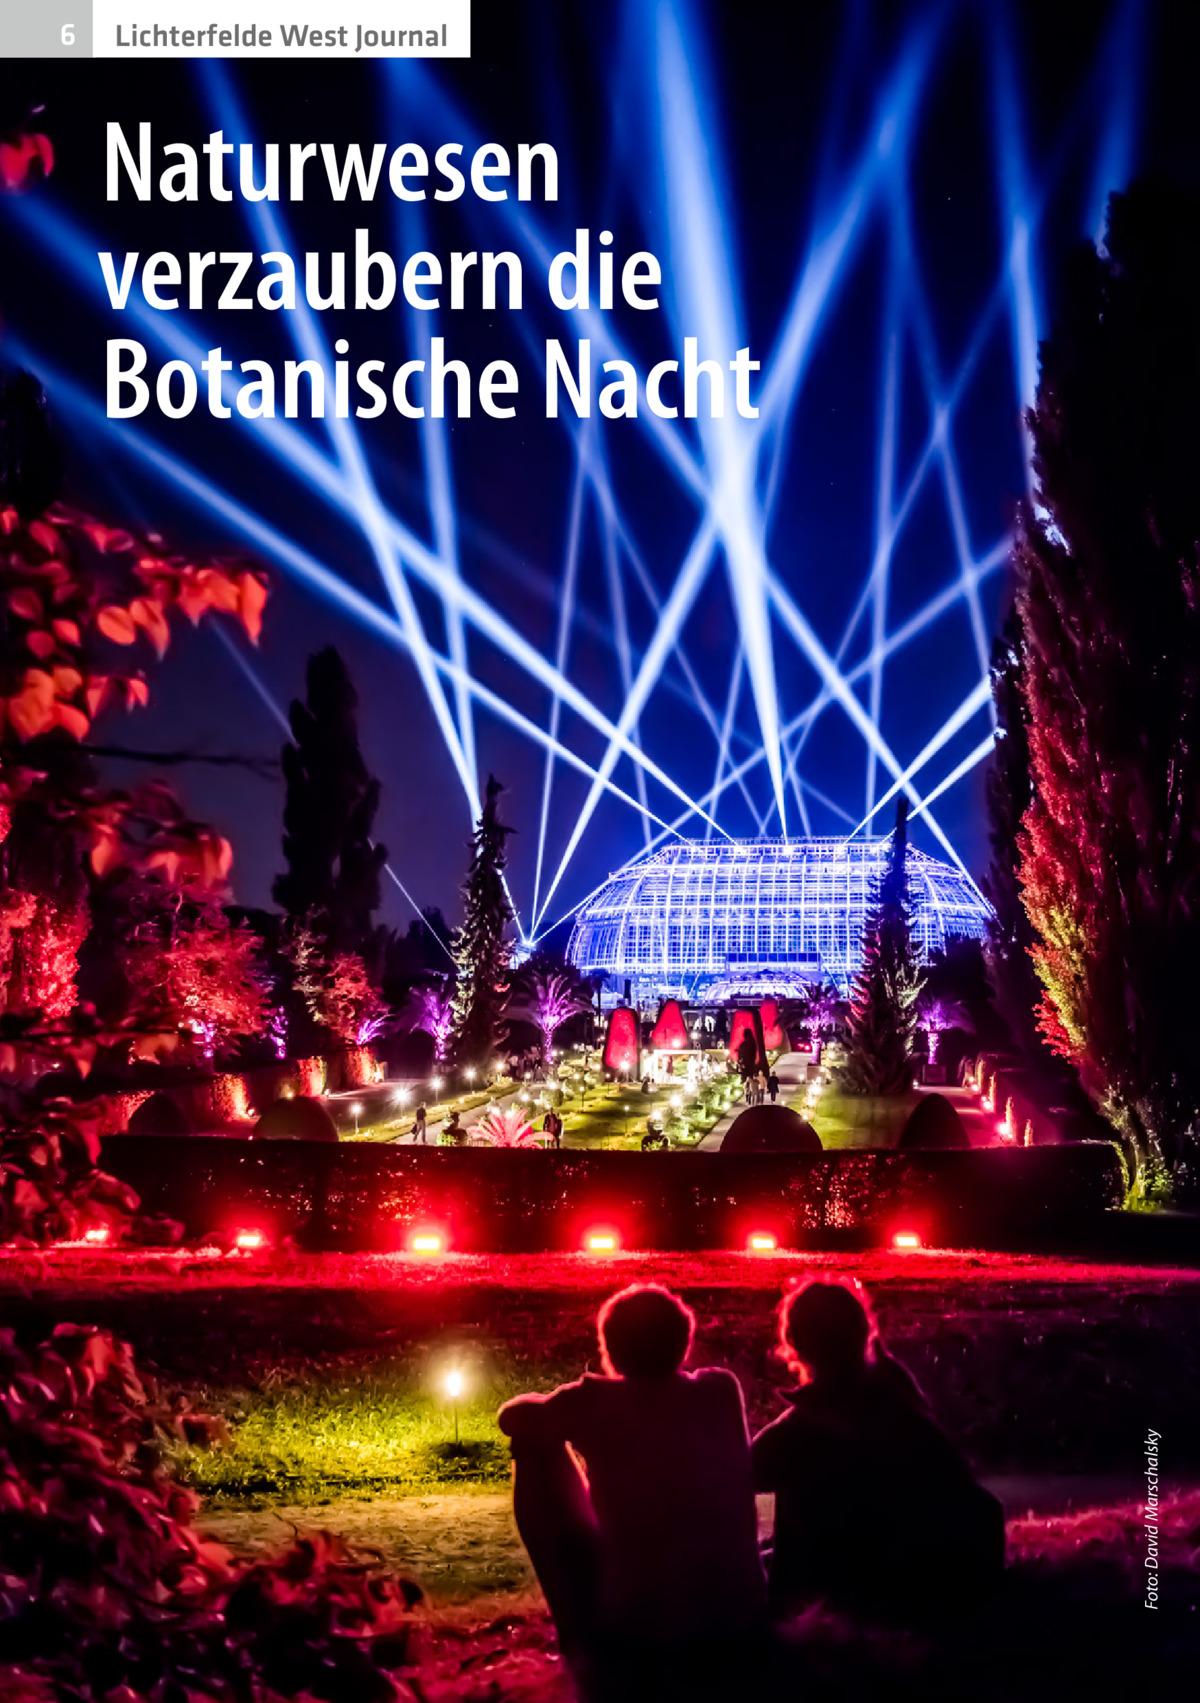 Lichterfelde West Journal  Naturwesen verzaubern die Botanische Nacht  Foto: David Marschalsky  6